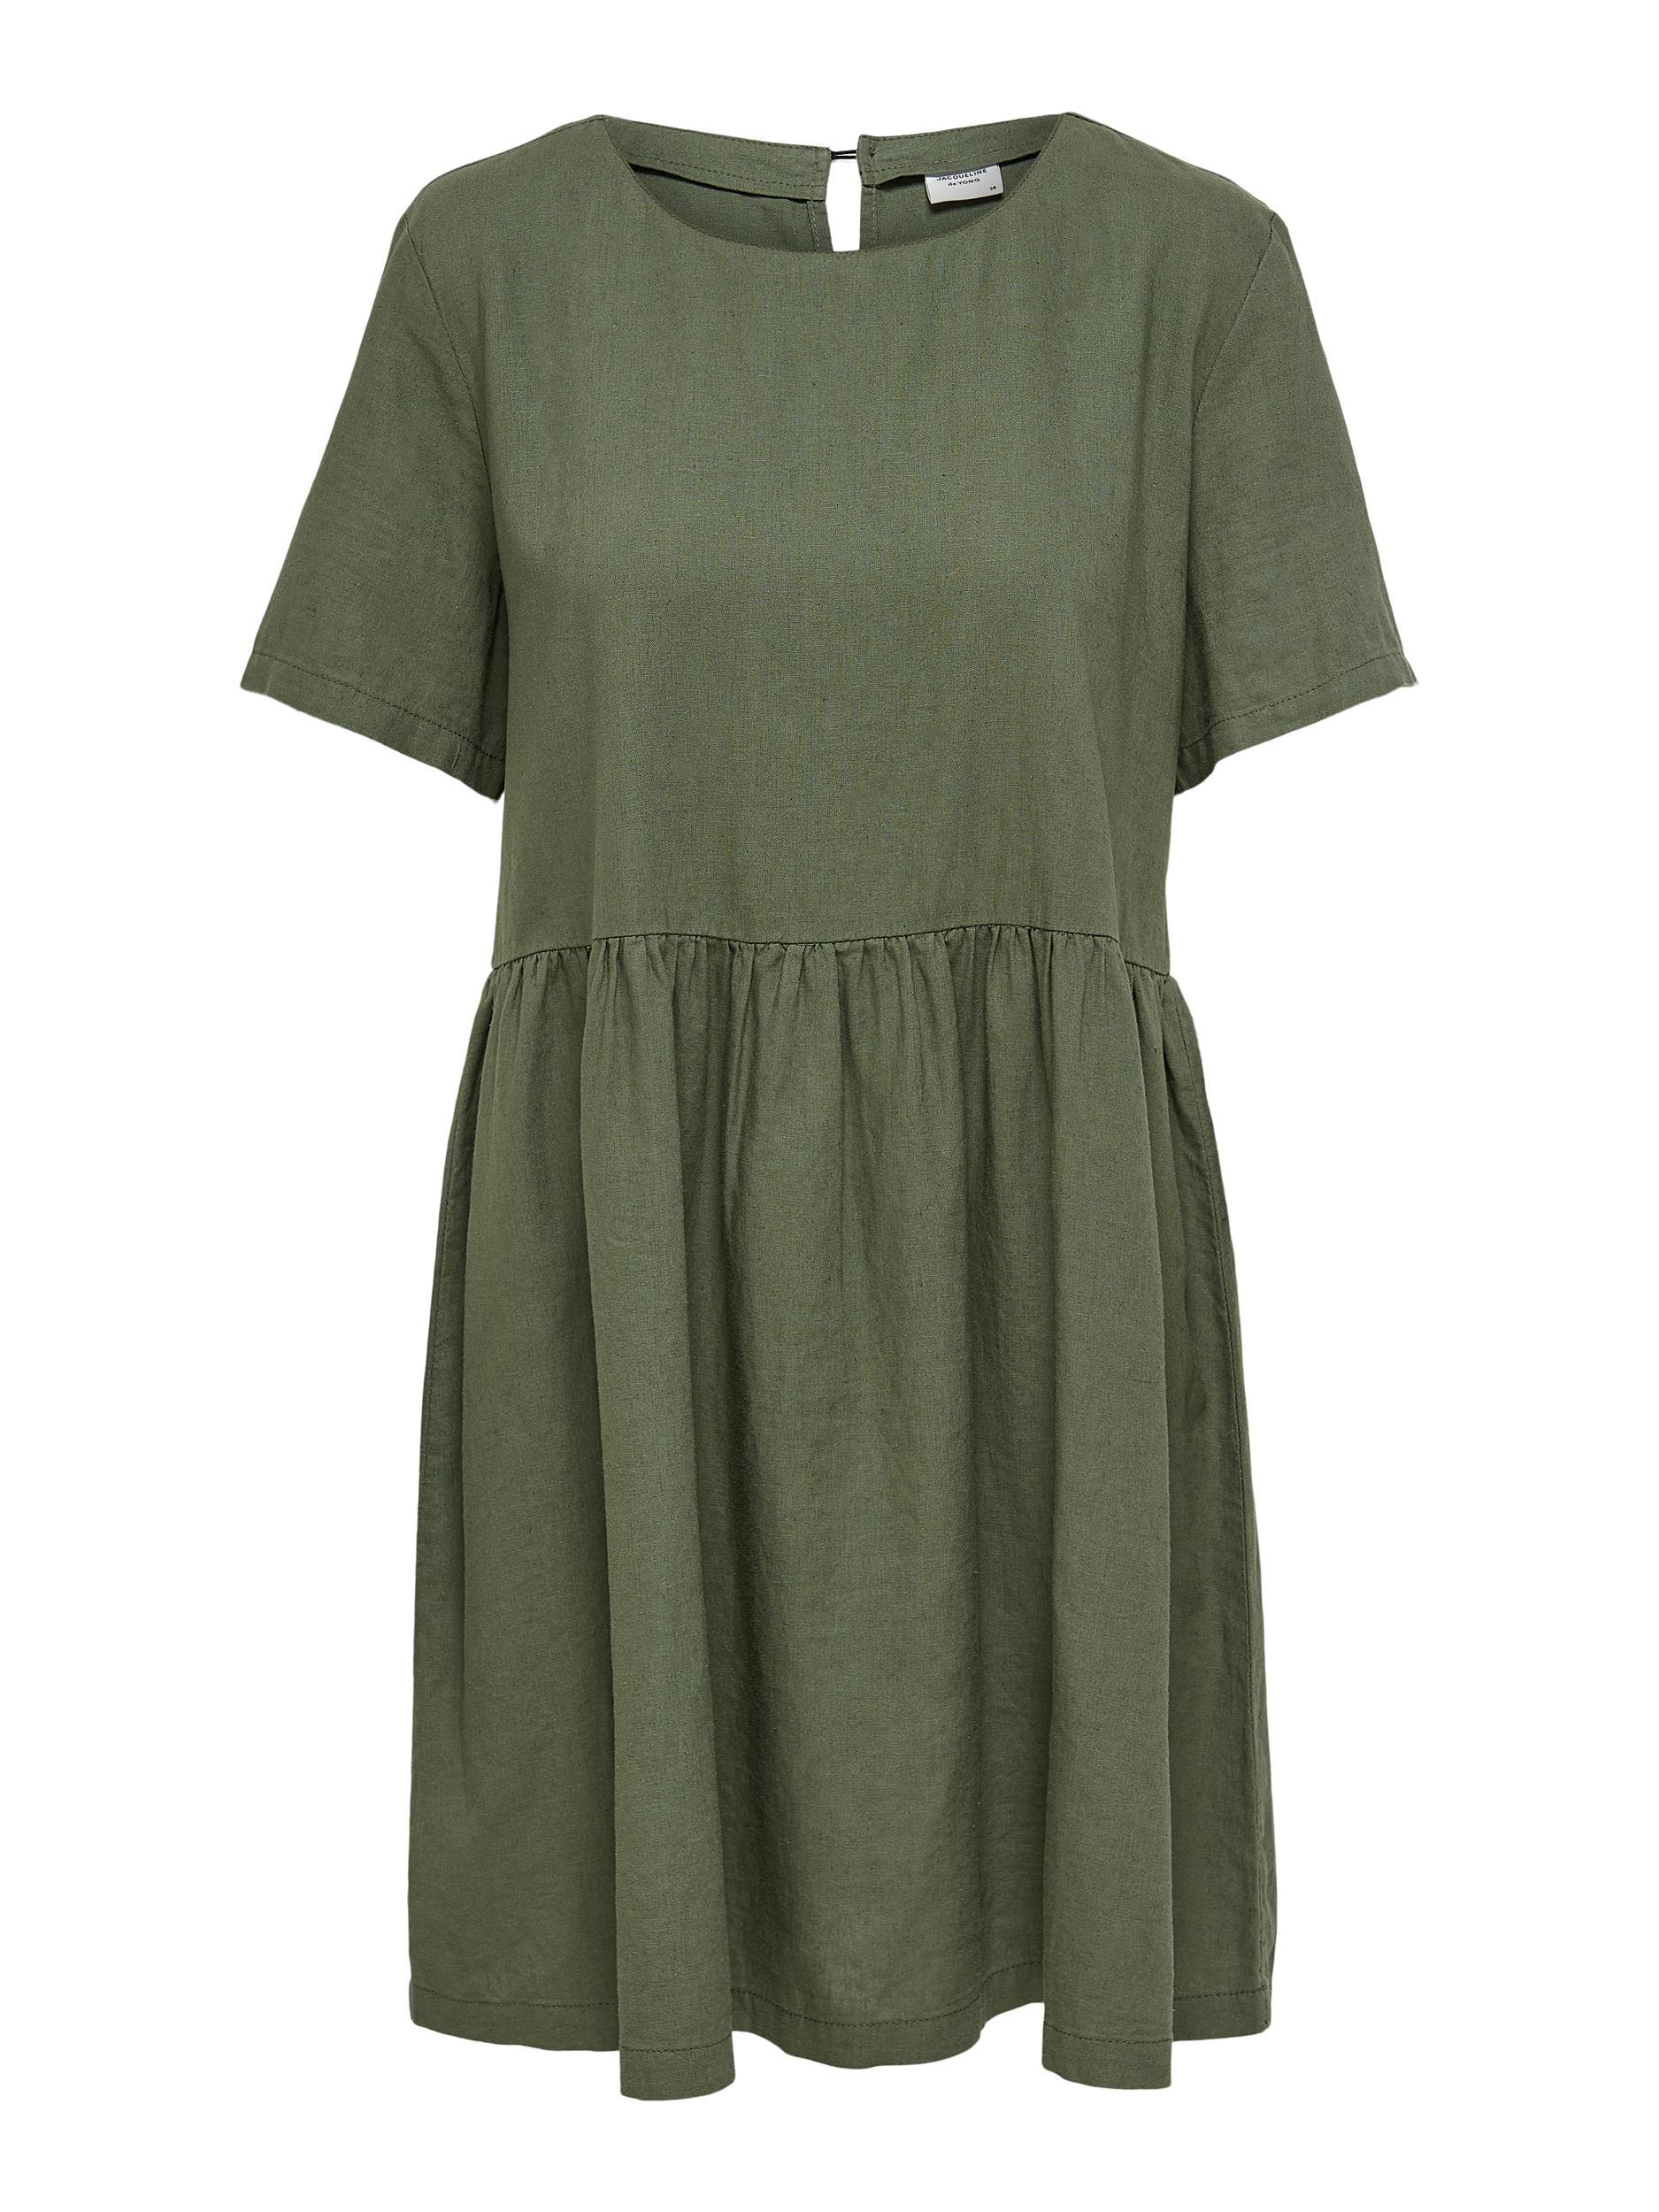 Jacqueline de Yong SAY S/S LINEN DRESS WVN